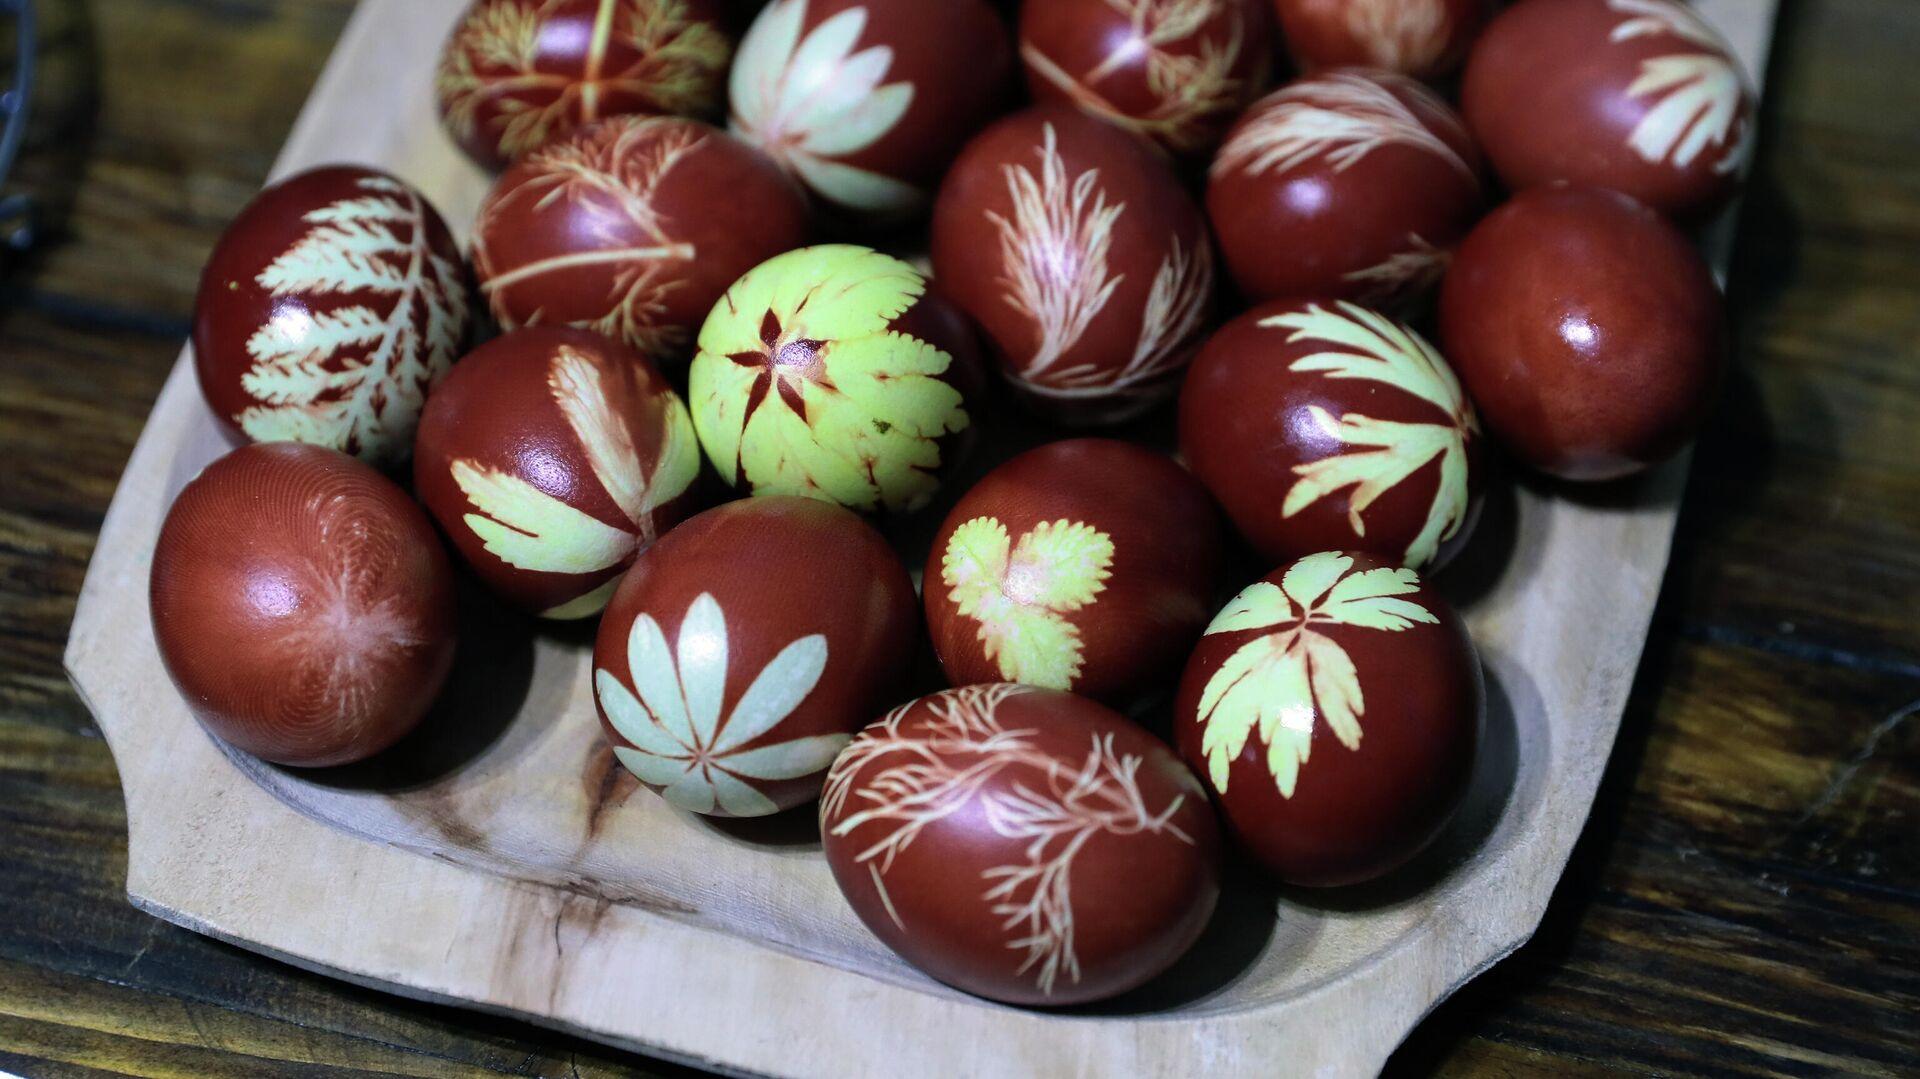 Окрашивание пасхальных яиц в Заокском районе Тульской области - РИА Новости, 1920, 01.05.2021